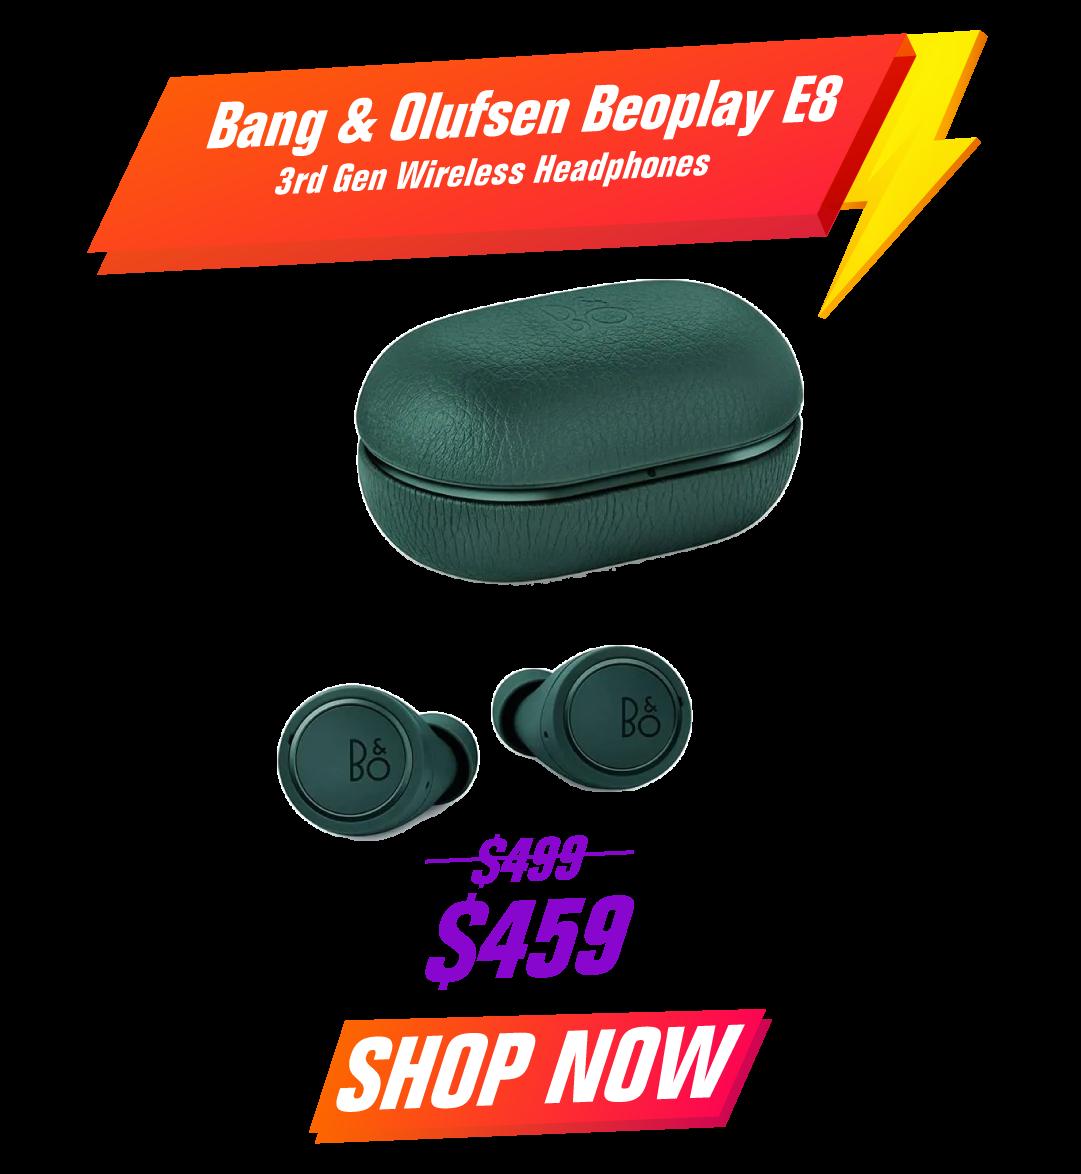 Bang & Olufsen Beoplay E8 3rd Gen Wireless Headphones - Green